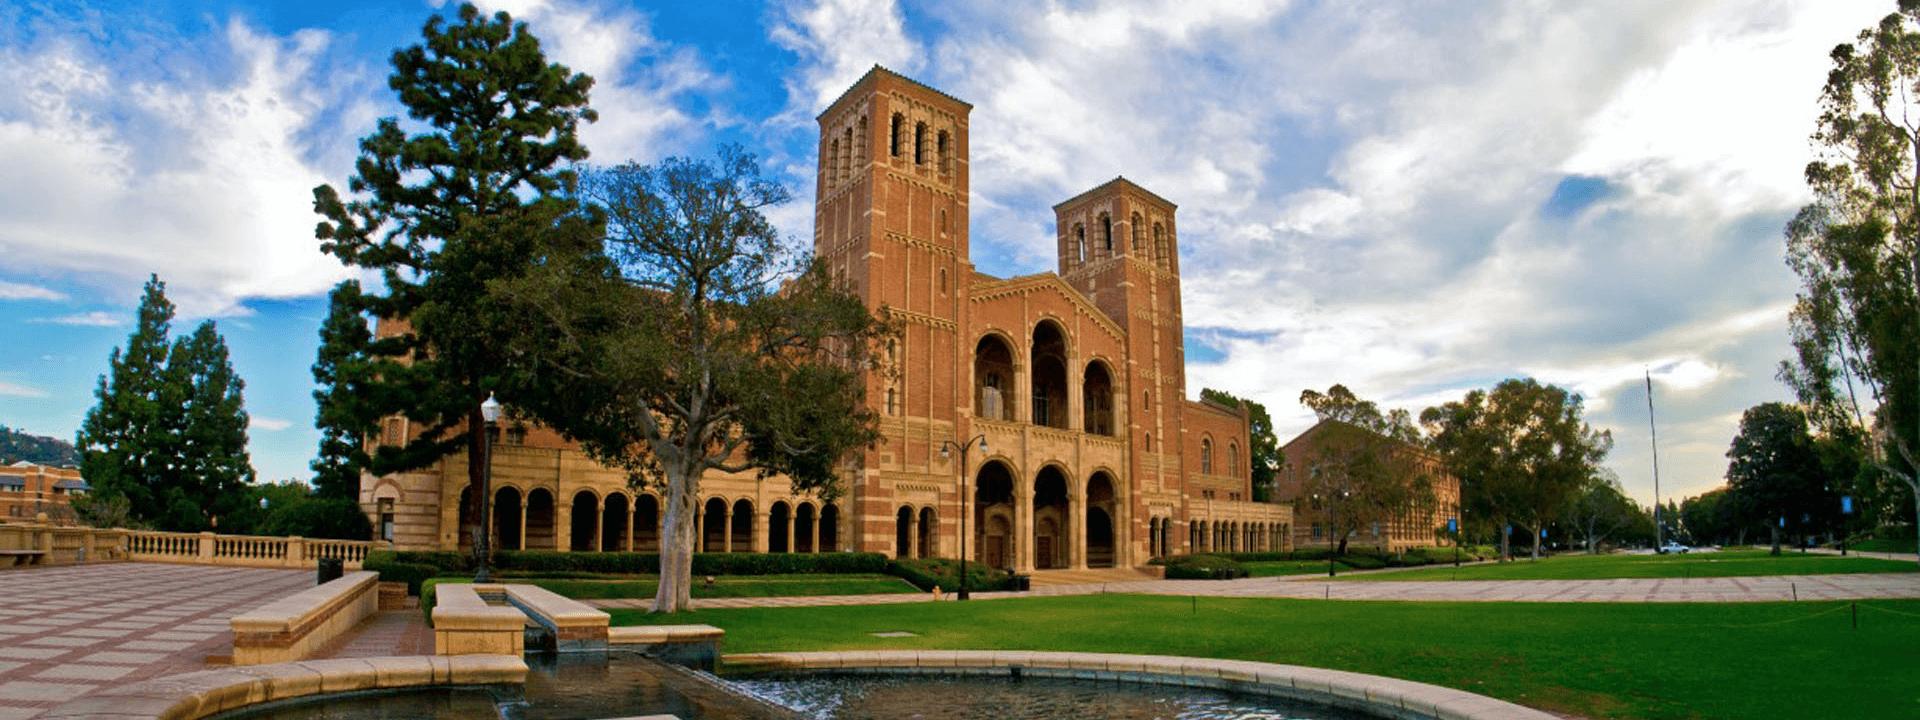 UCLA hero